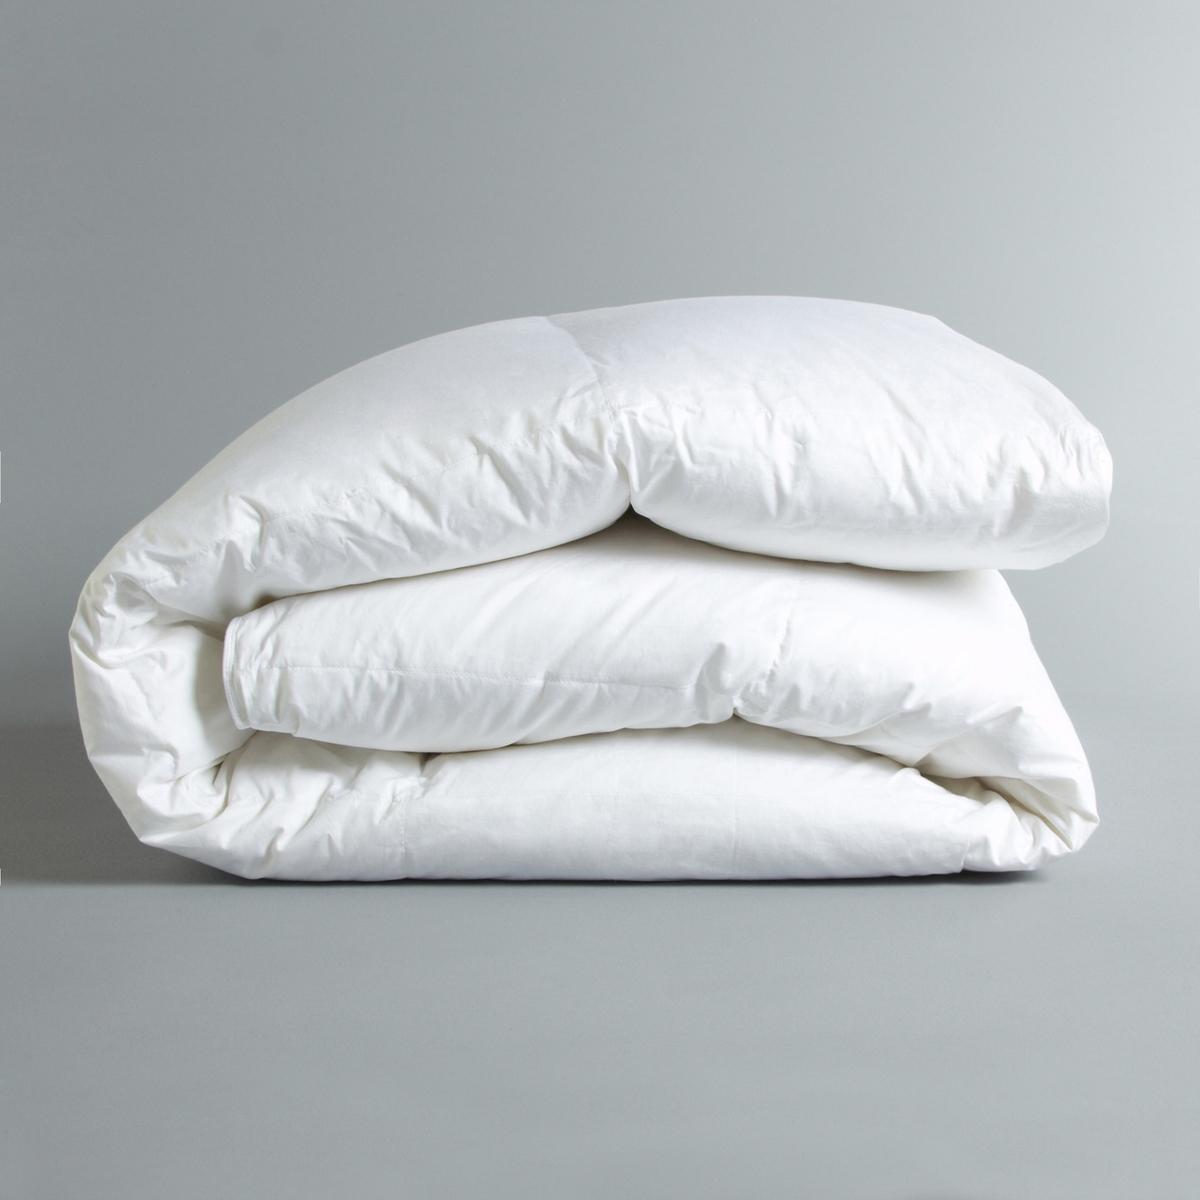 купить Одеяло La Redoute Синтетическое Banket 140 x 200 см белый по цене 17899 рублей